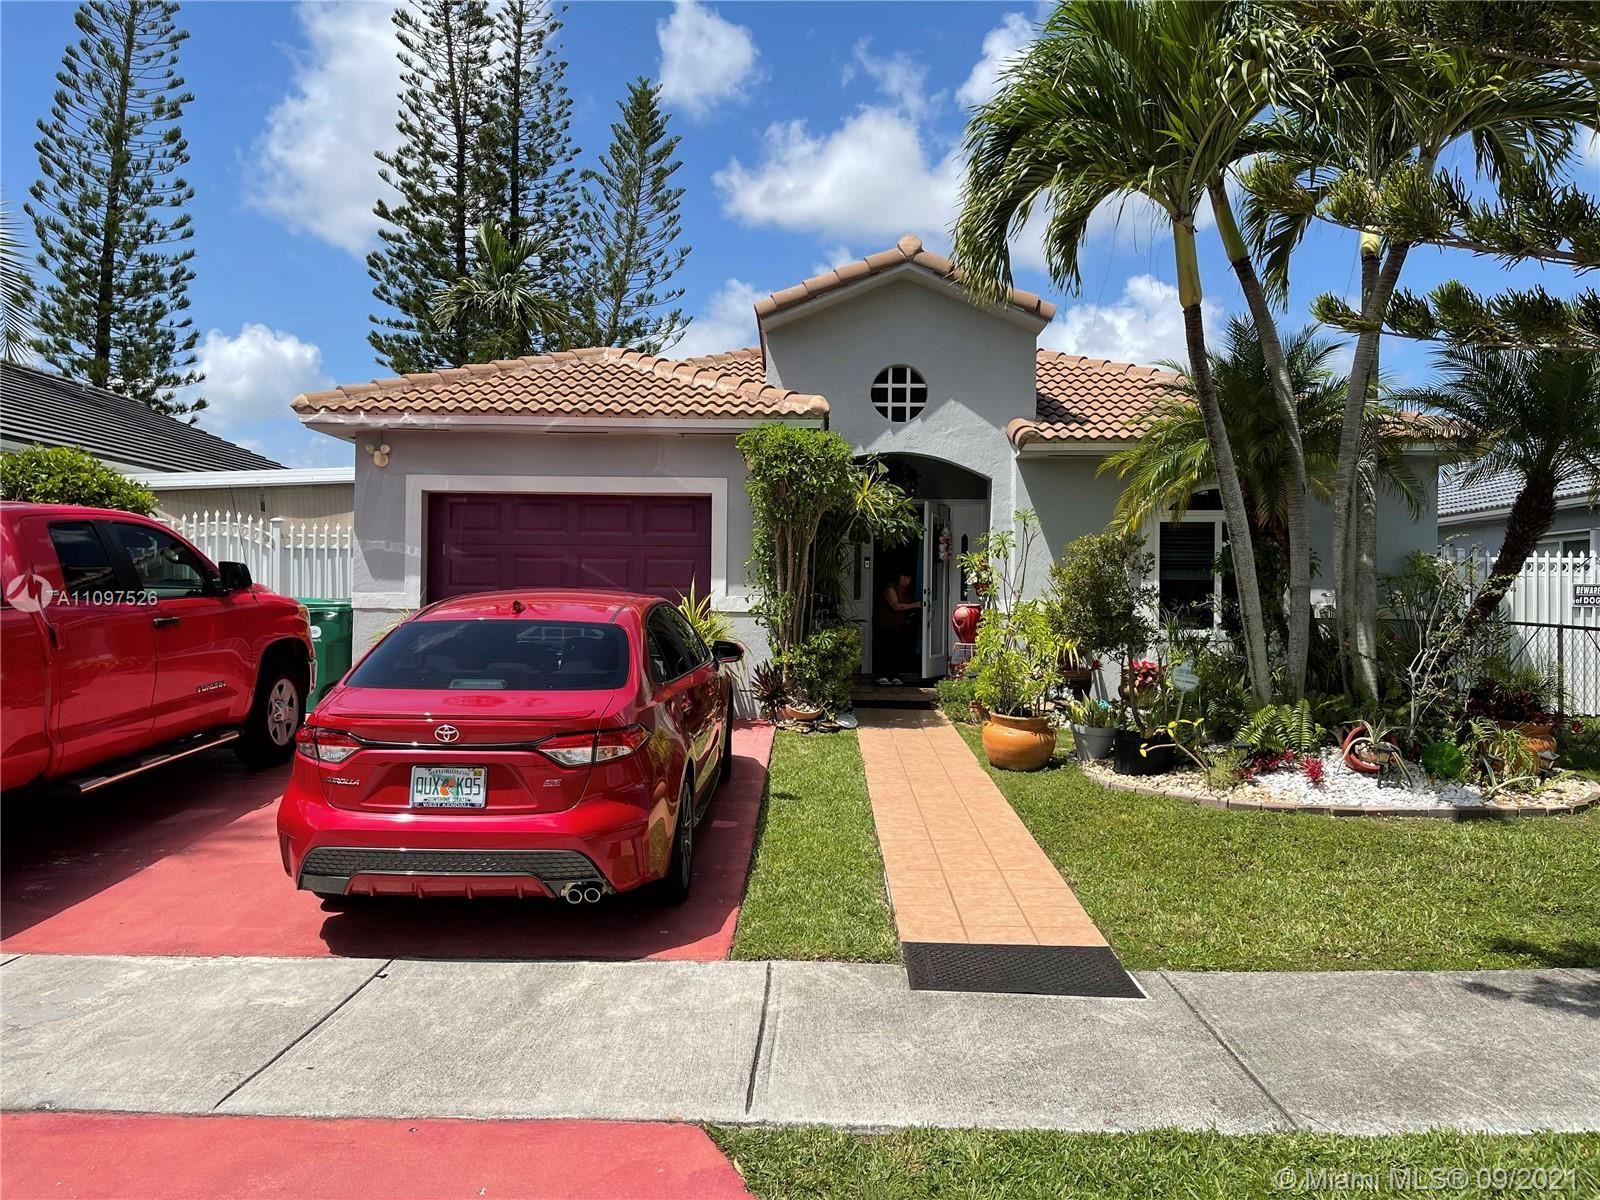 16948 SW 142nd Ct, Miami, FL 33177 - #: A11097526